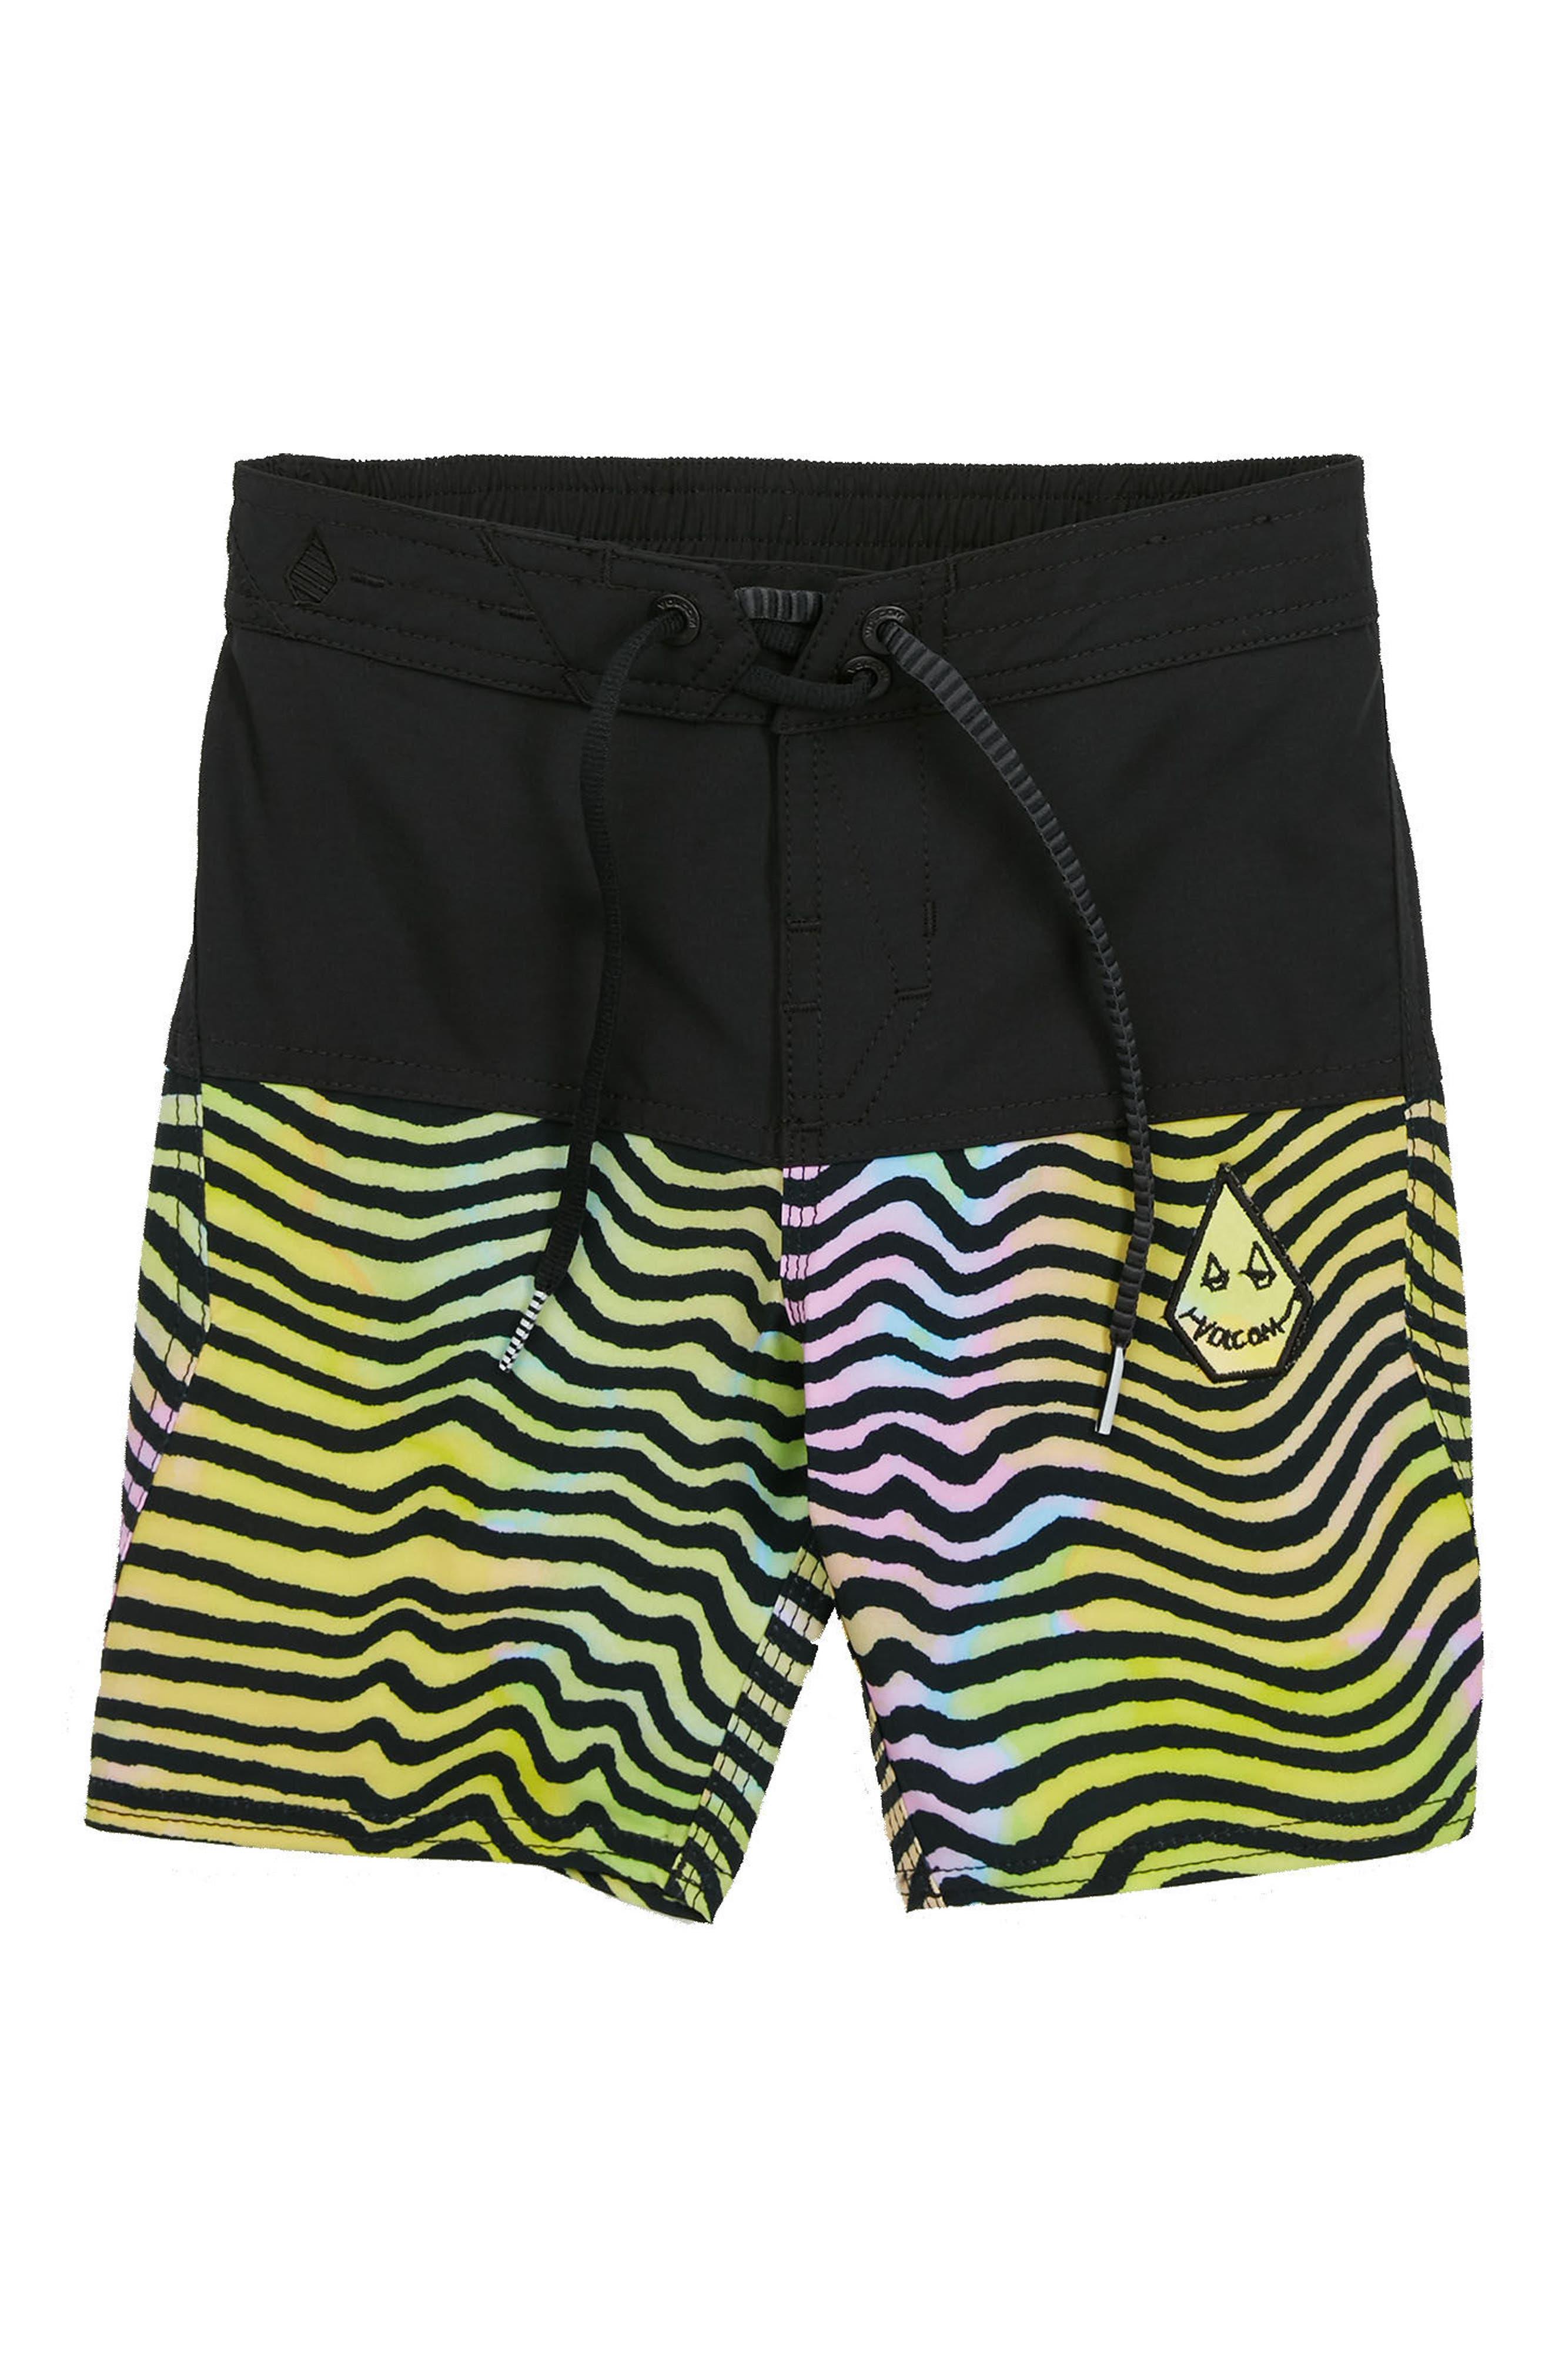 Vibes Board Shorts,                             Main thumbnail 1, color,                             001